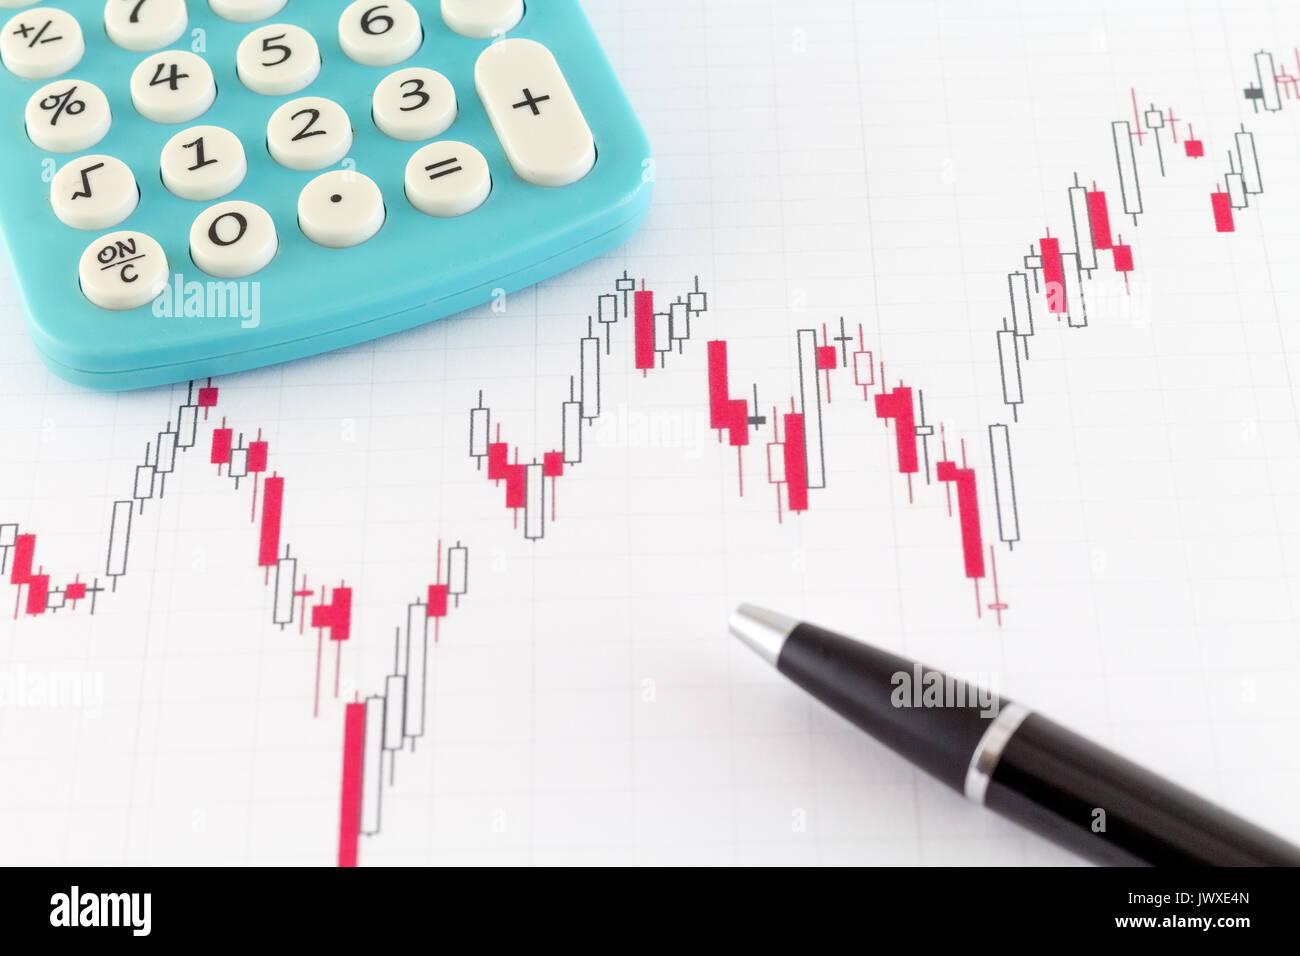 Financial Stock Chart Stock Market Stock Photo